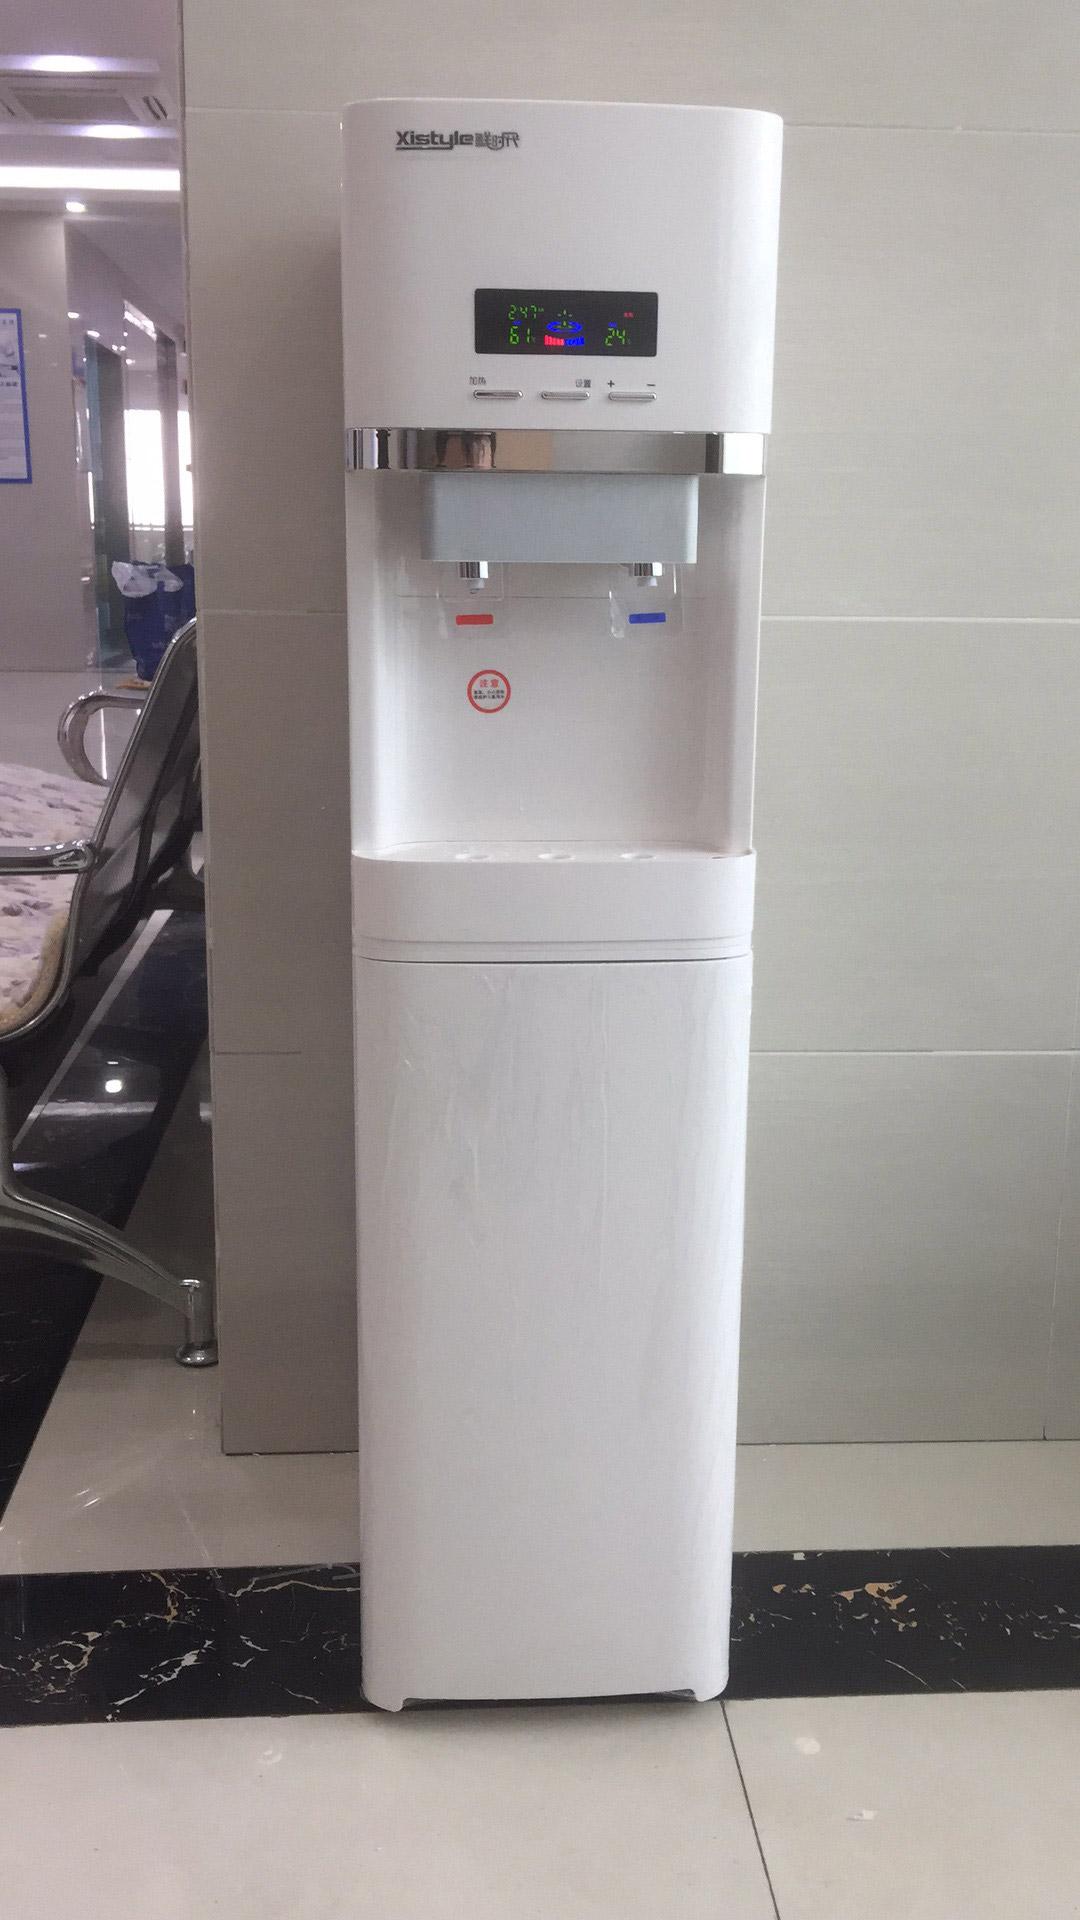 长沙办公室使用立式直饮机净水机好还是购买桶装水好呢?